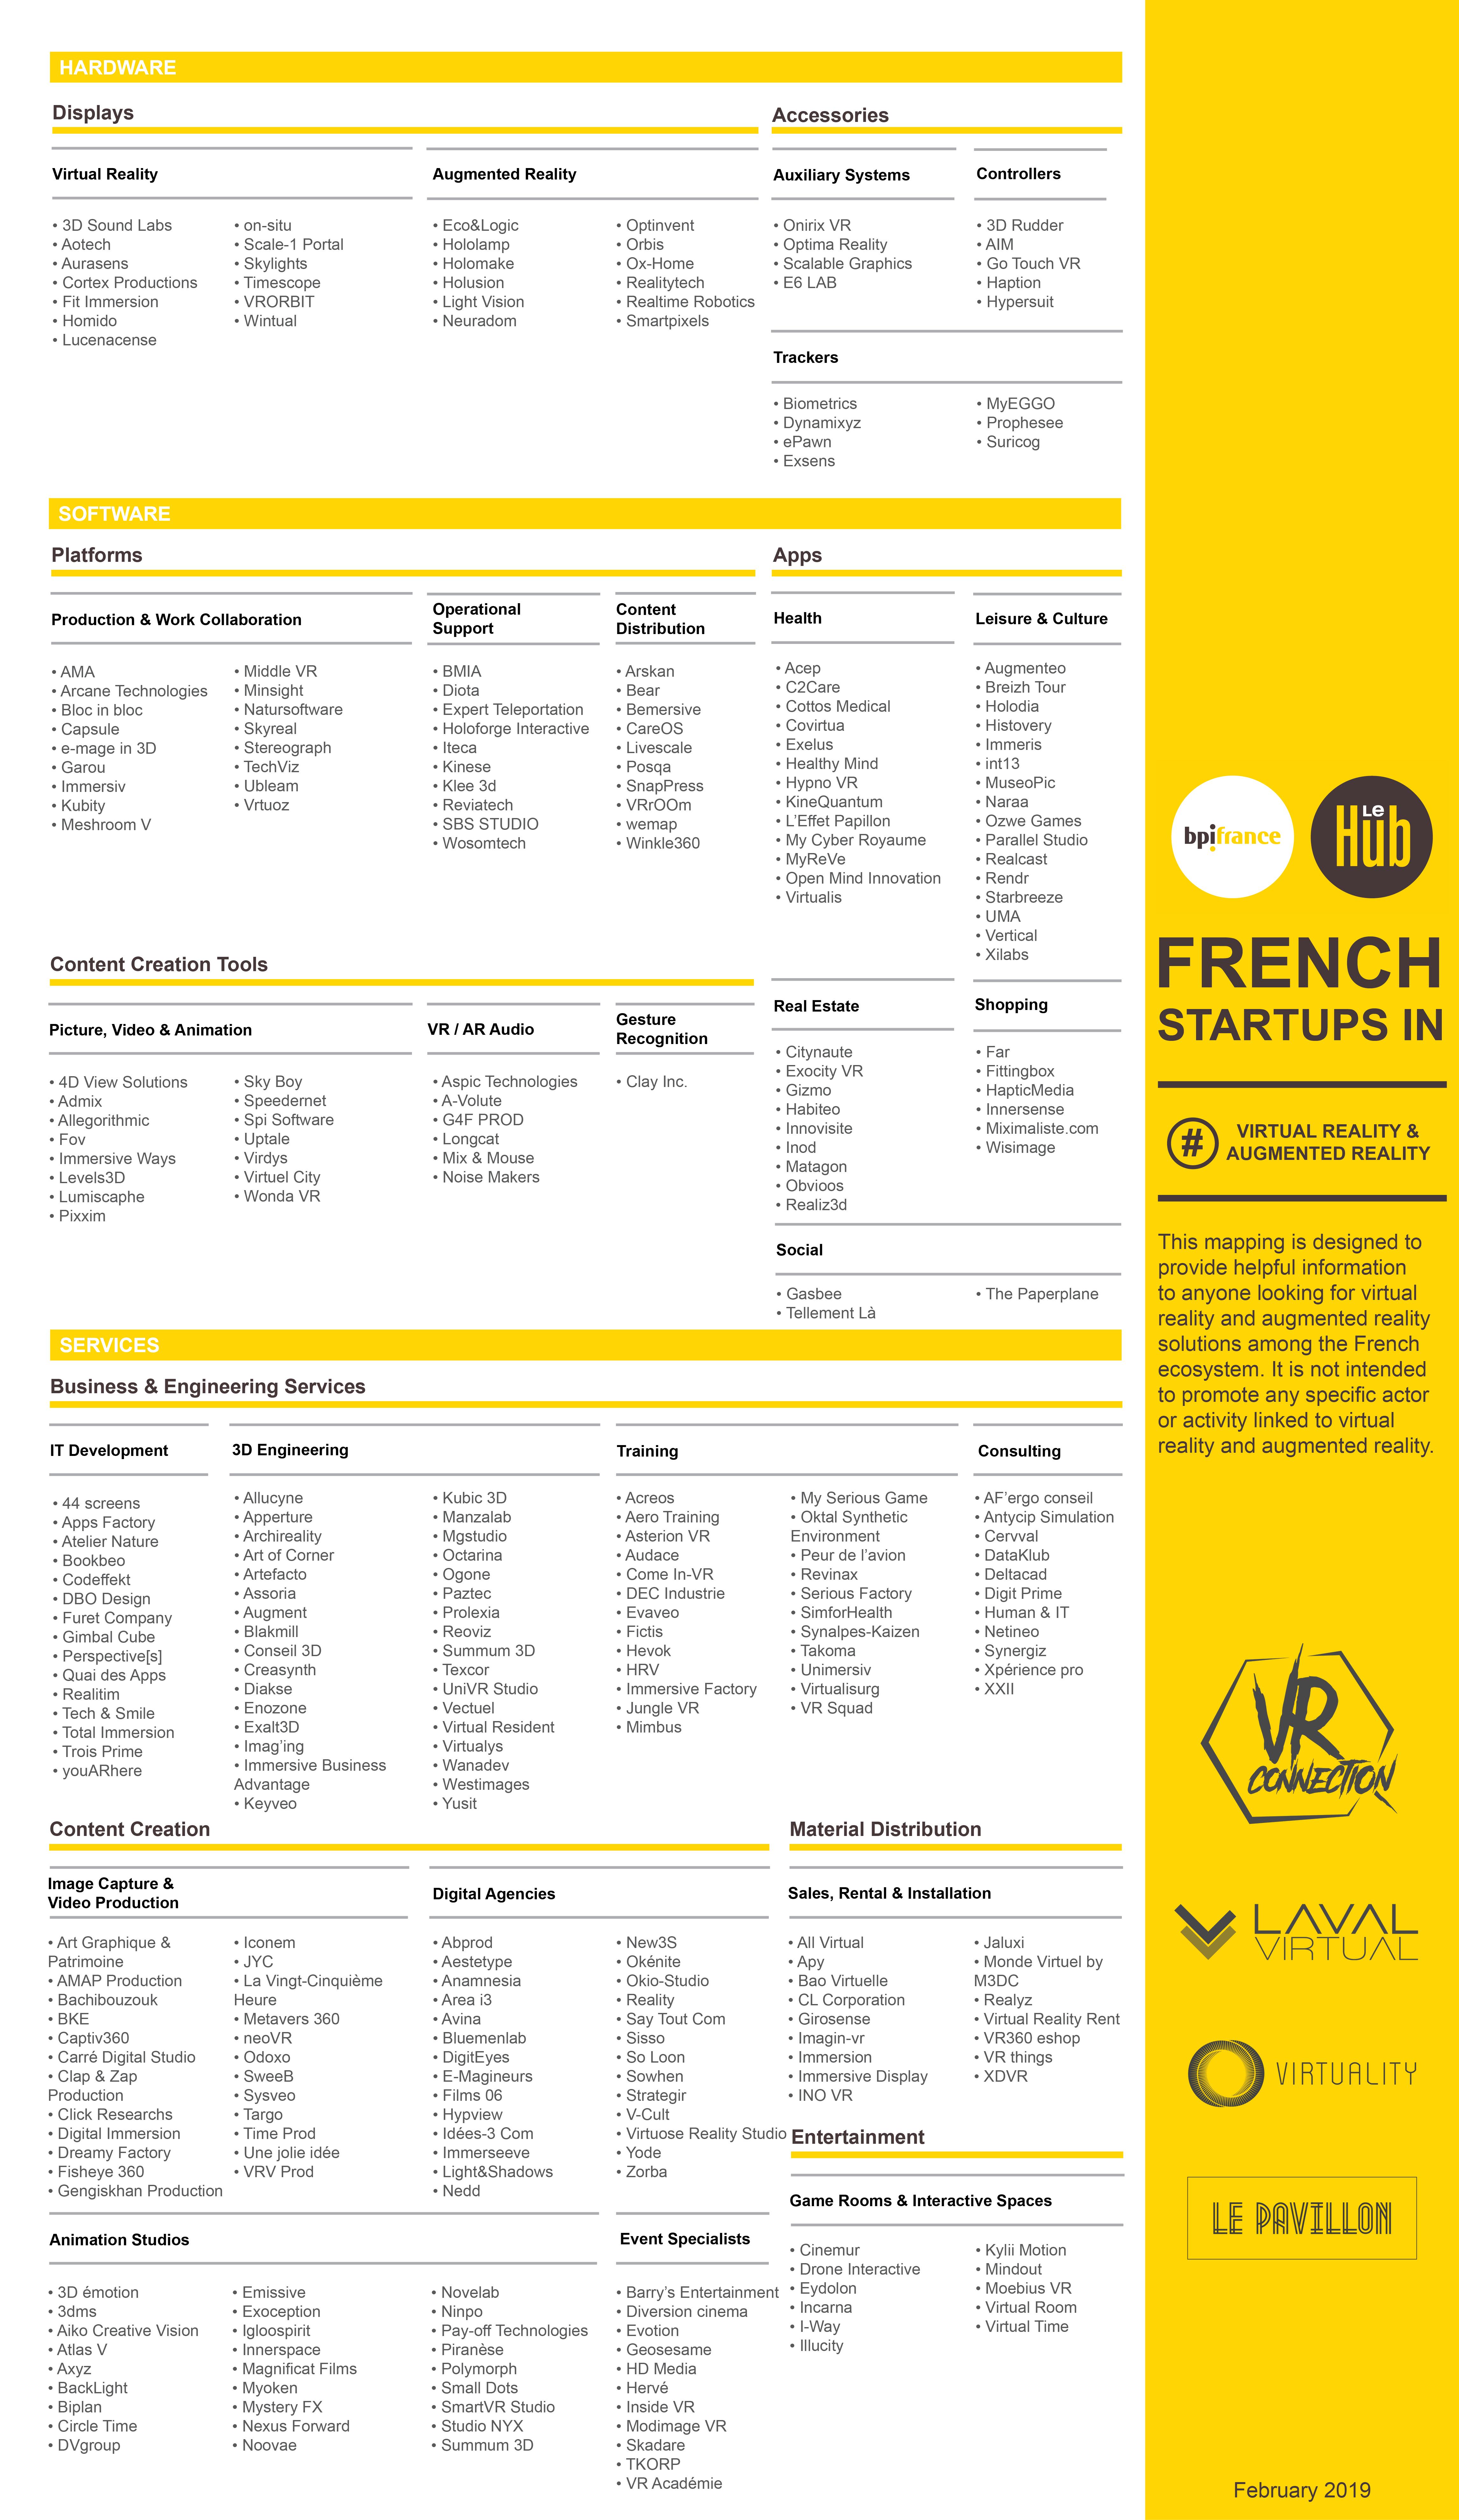 Startups france AR VR